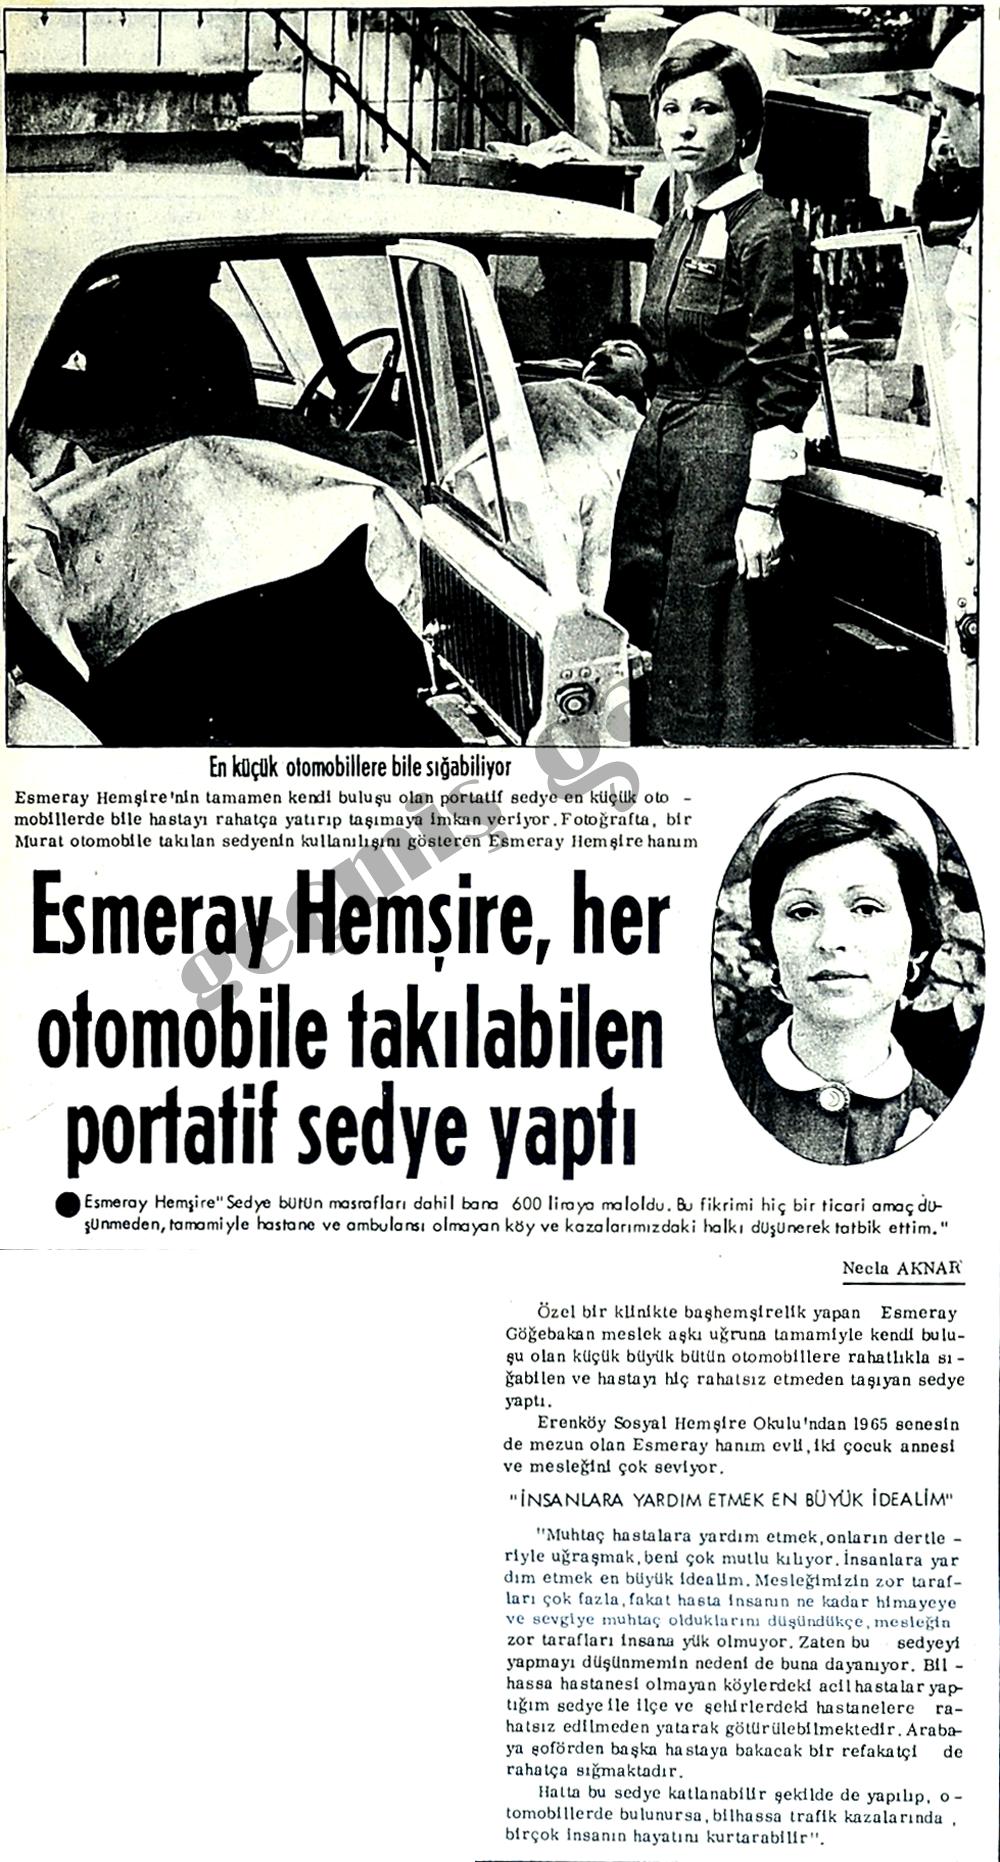 Esmeray Hemşire, her otomobile takılabilen portatif sedye yapıldı